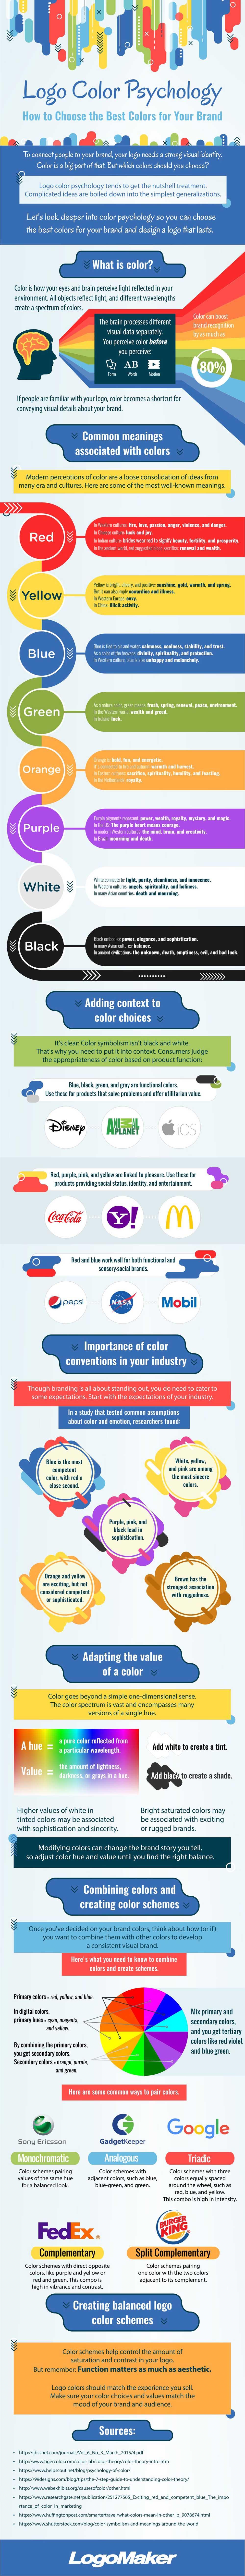 logo-color-psychology